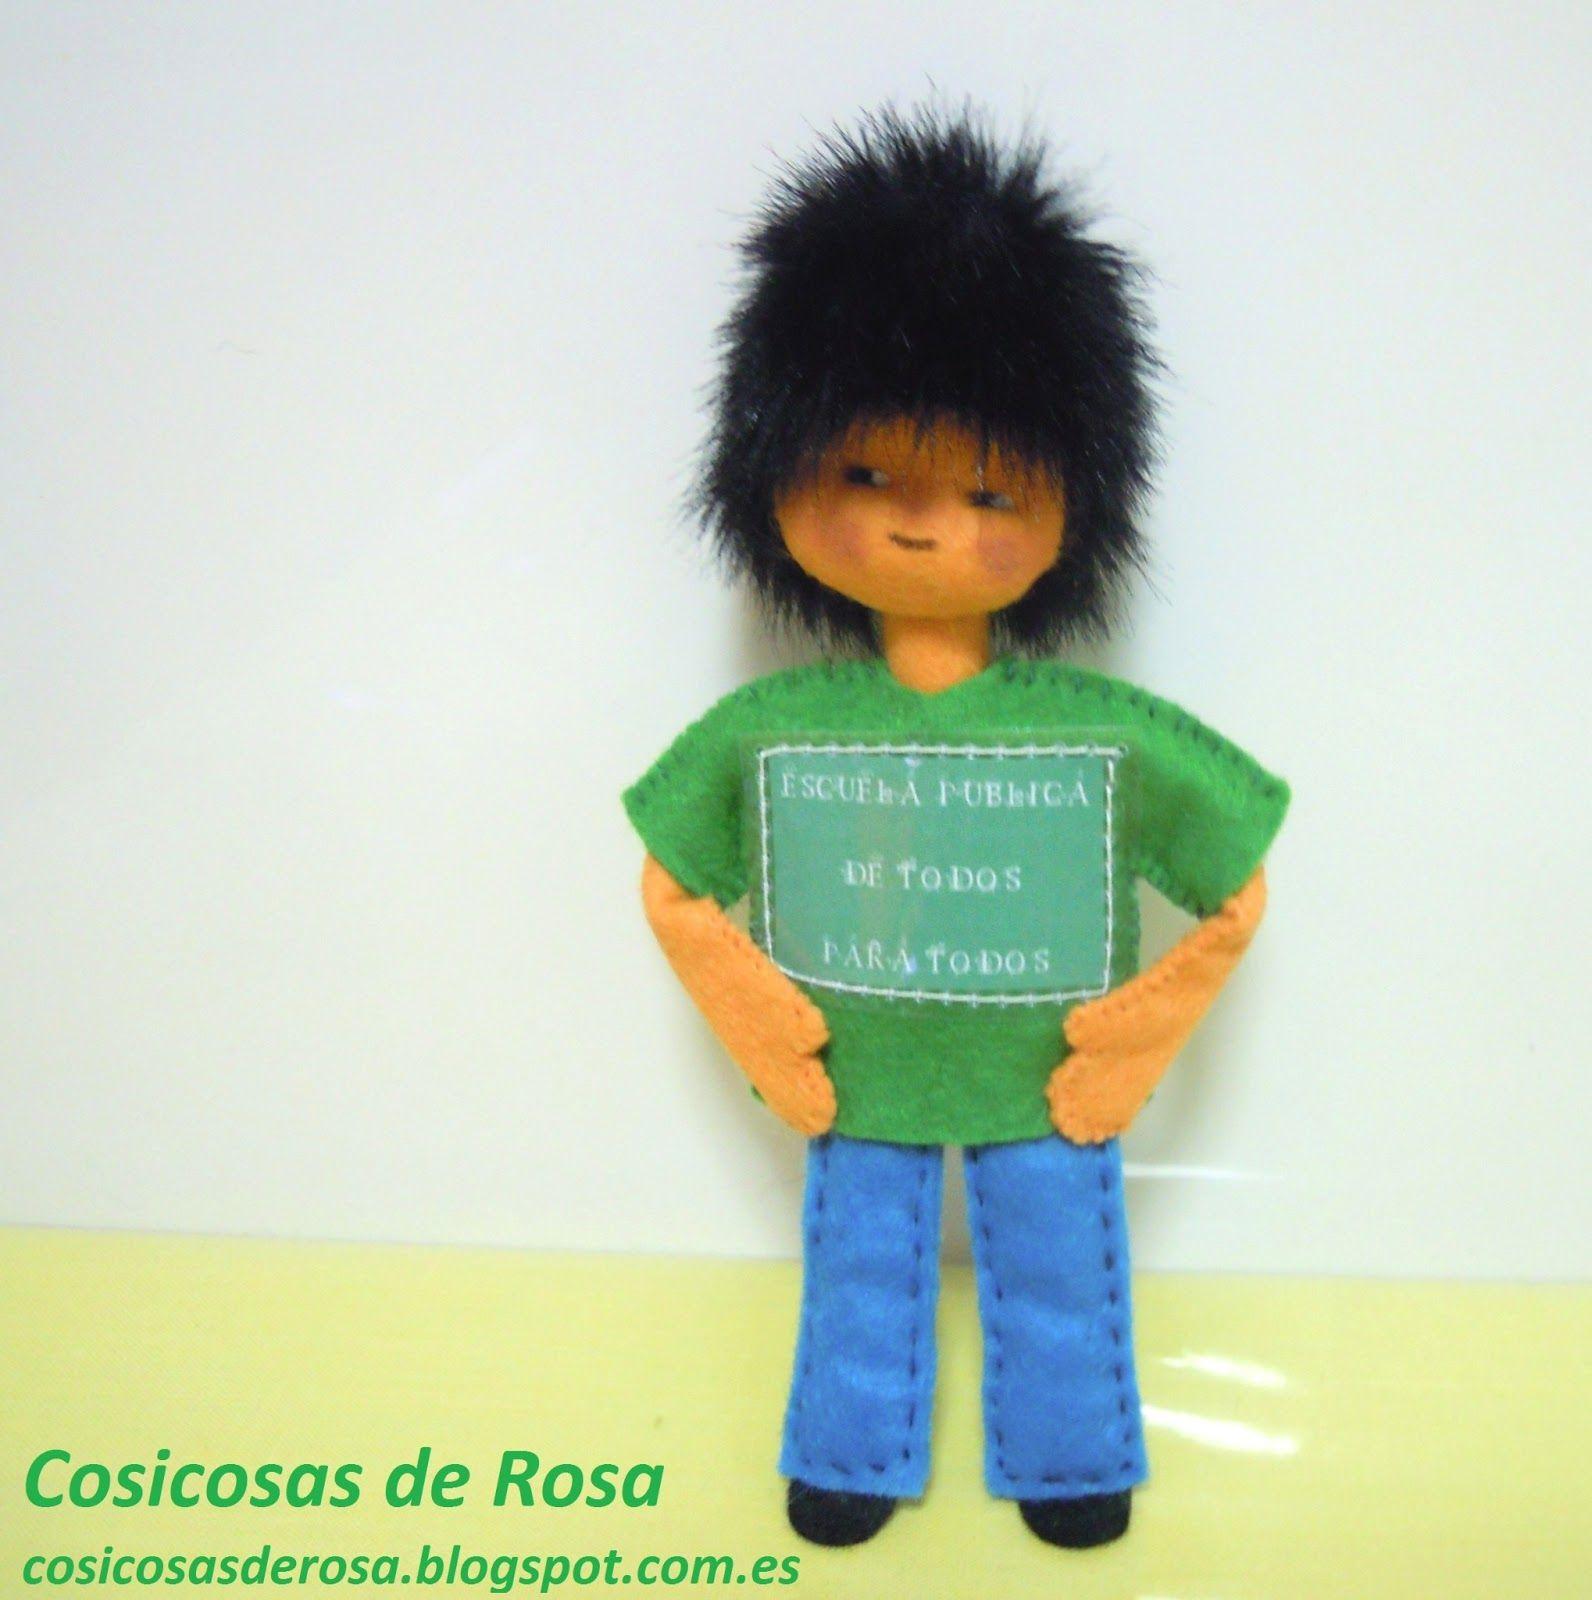 """Las Cosicosas de Rosa: Maestro reivindicativo. """"Escuela pública de todos, para todos"""". #cosicosas #fieltro"""